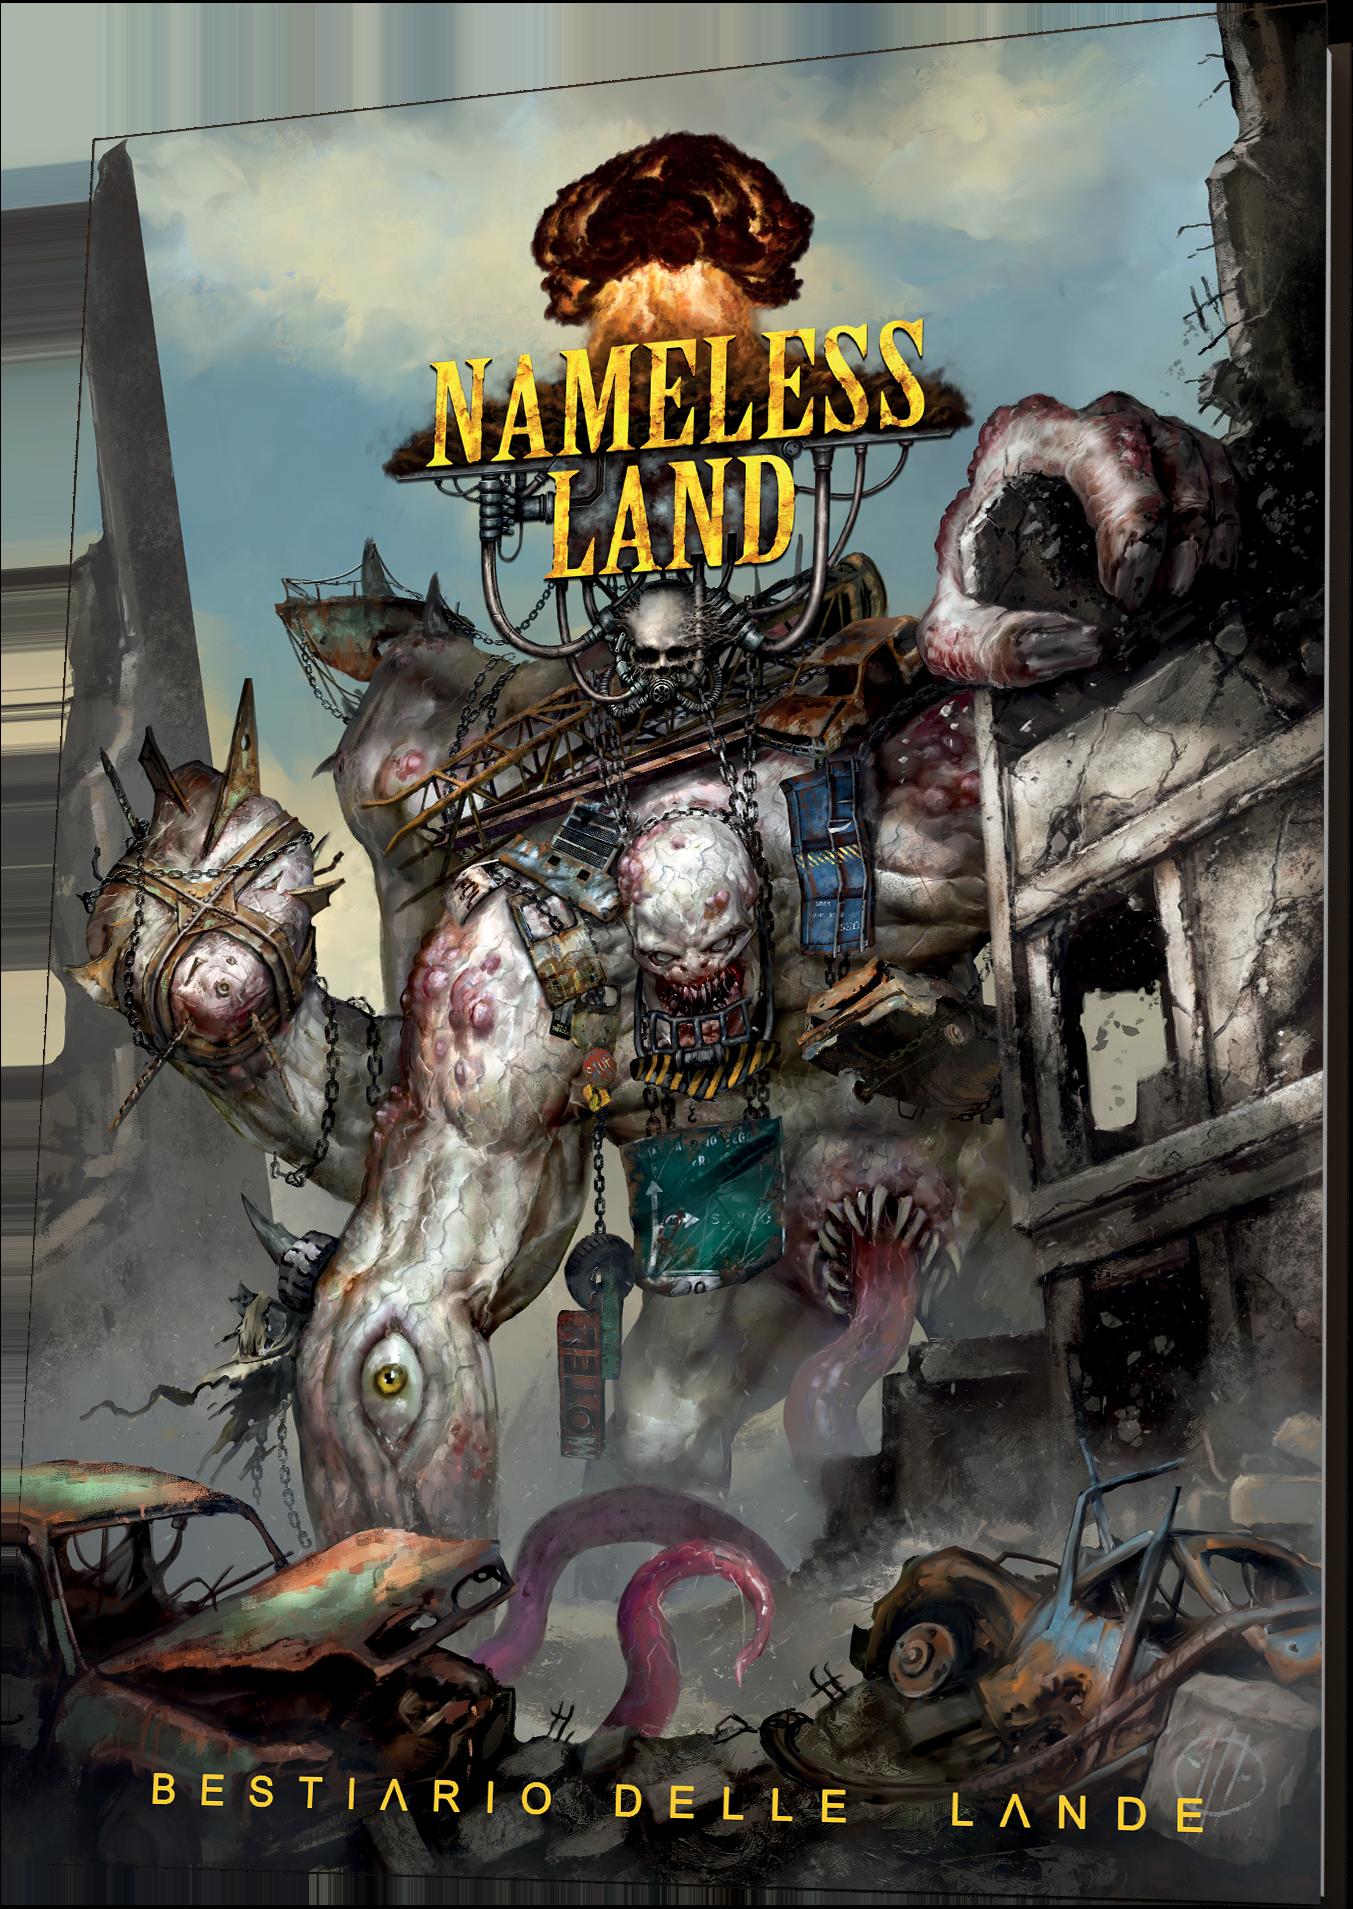 NAMELESS LAND: BESTIARIO DELLE LANDE